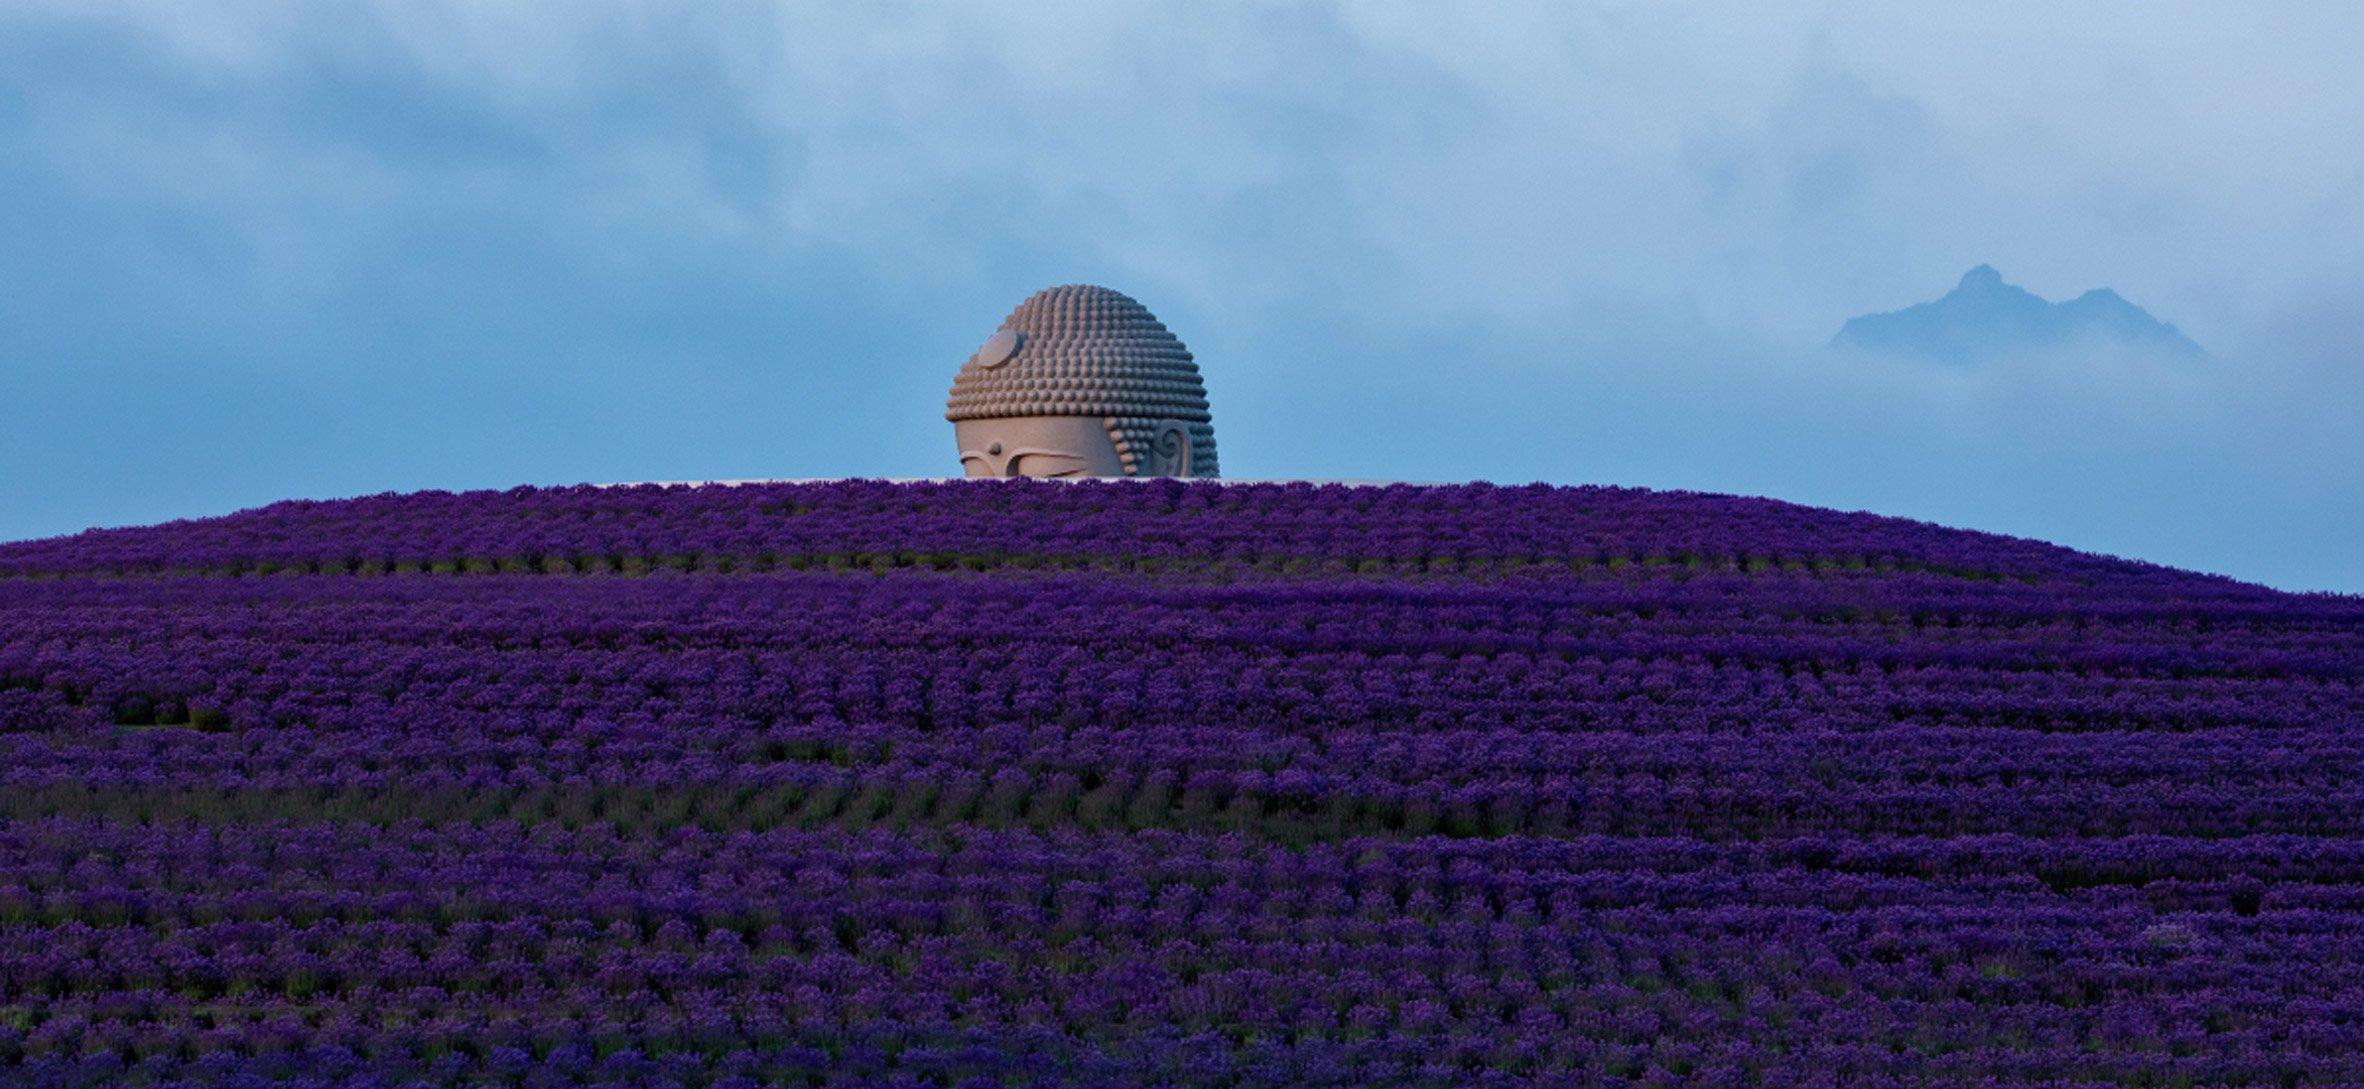 Hatalmas Buddha-szobrot épített a levendulamező közepére a japán sztárépítész